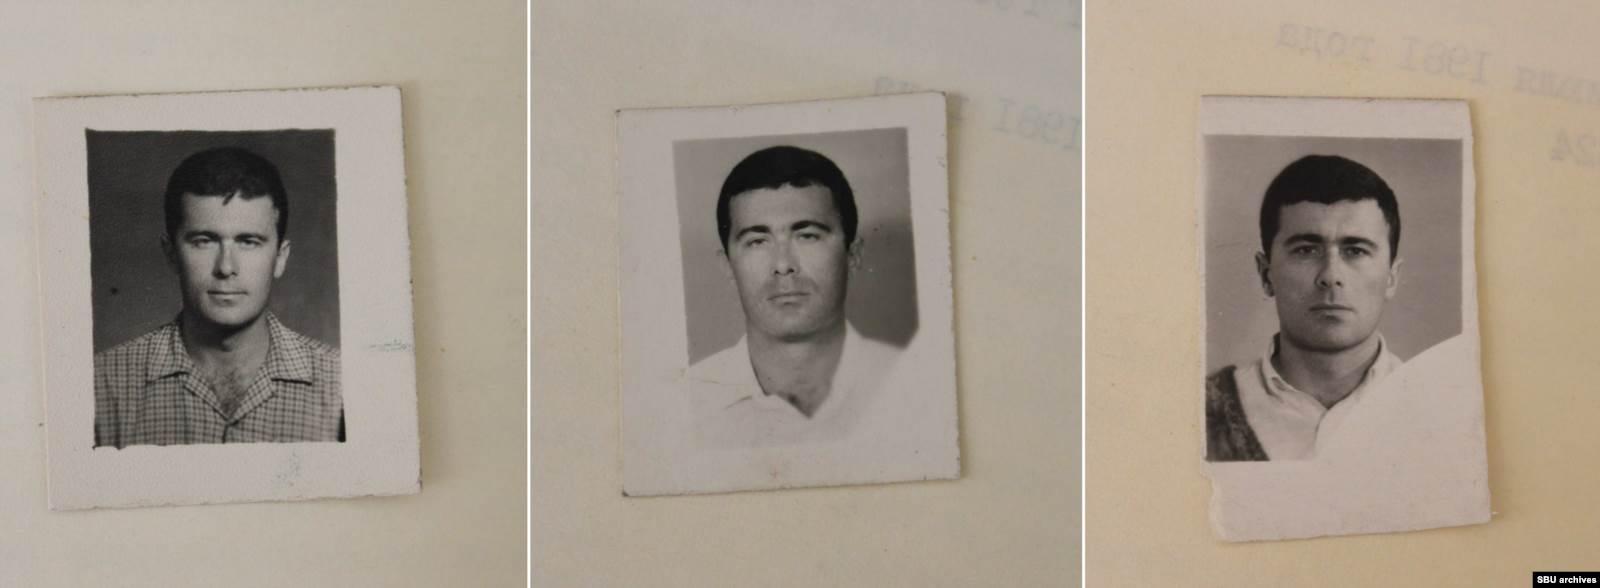 Рудольф Каценбоген, 1970-е. Фото из оперативного дела КГБ